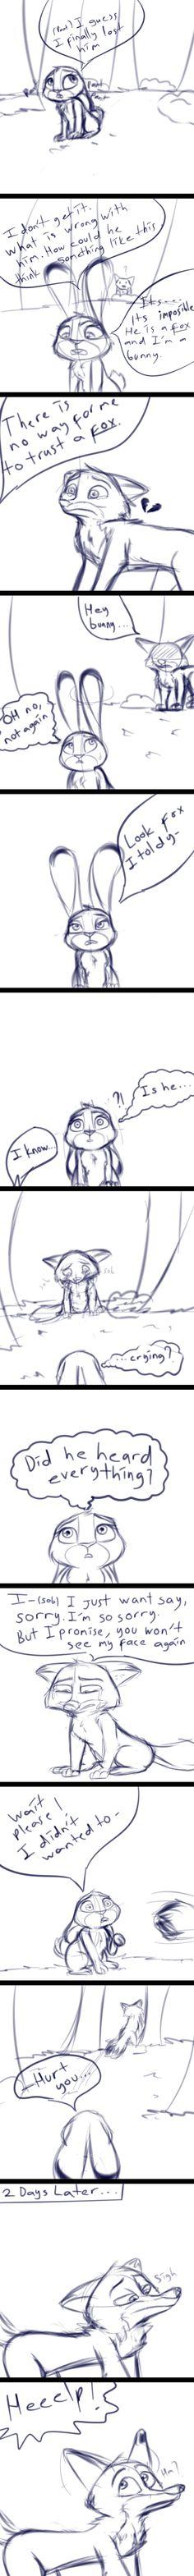 True Feelings Part1 - Sketch comic by gokhan16